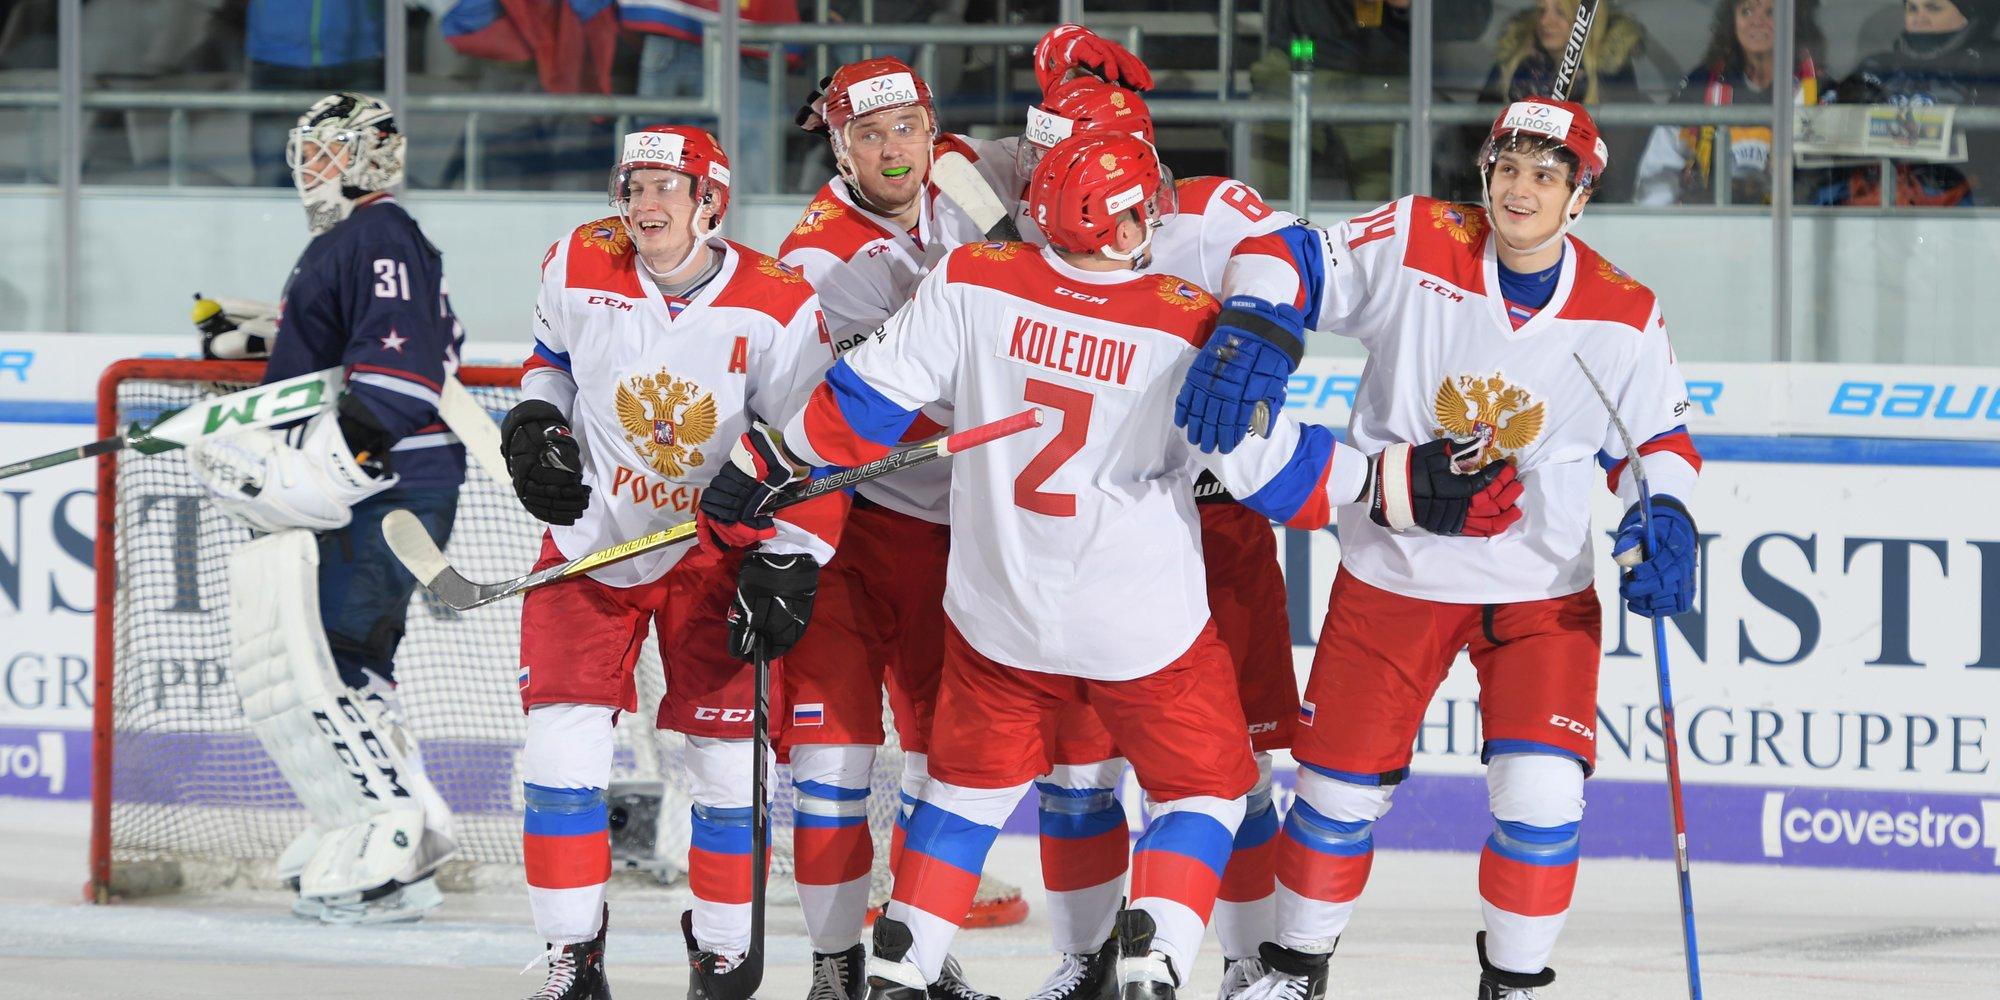 бесплатные аляев в сборной россии фото обезьянка добрым